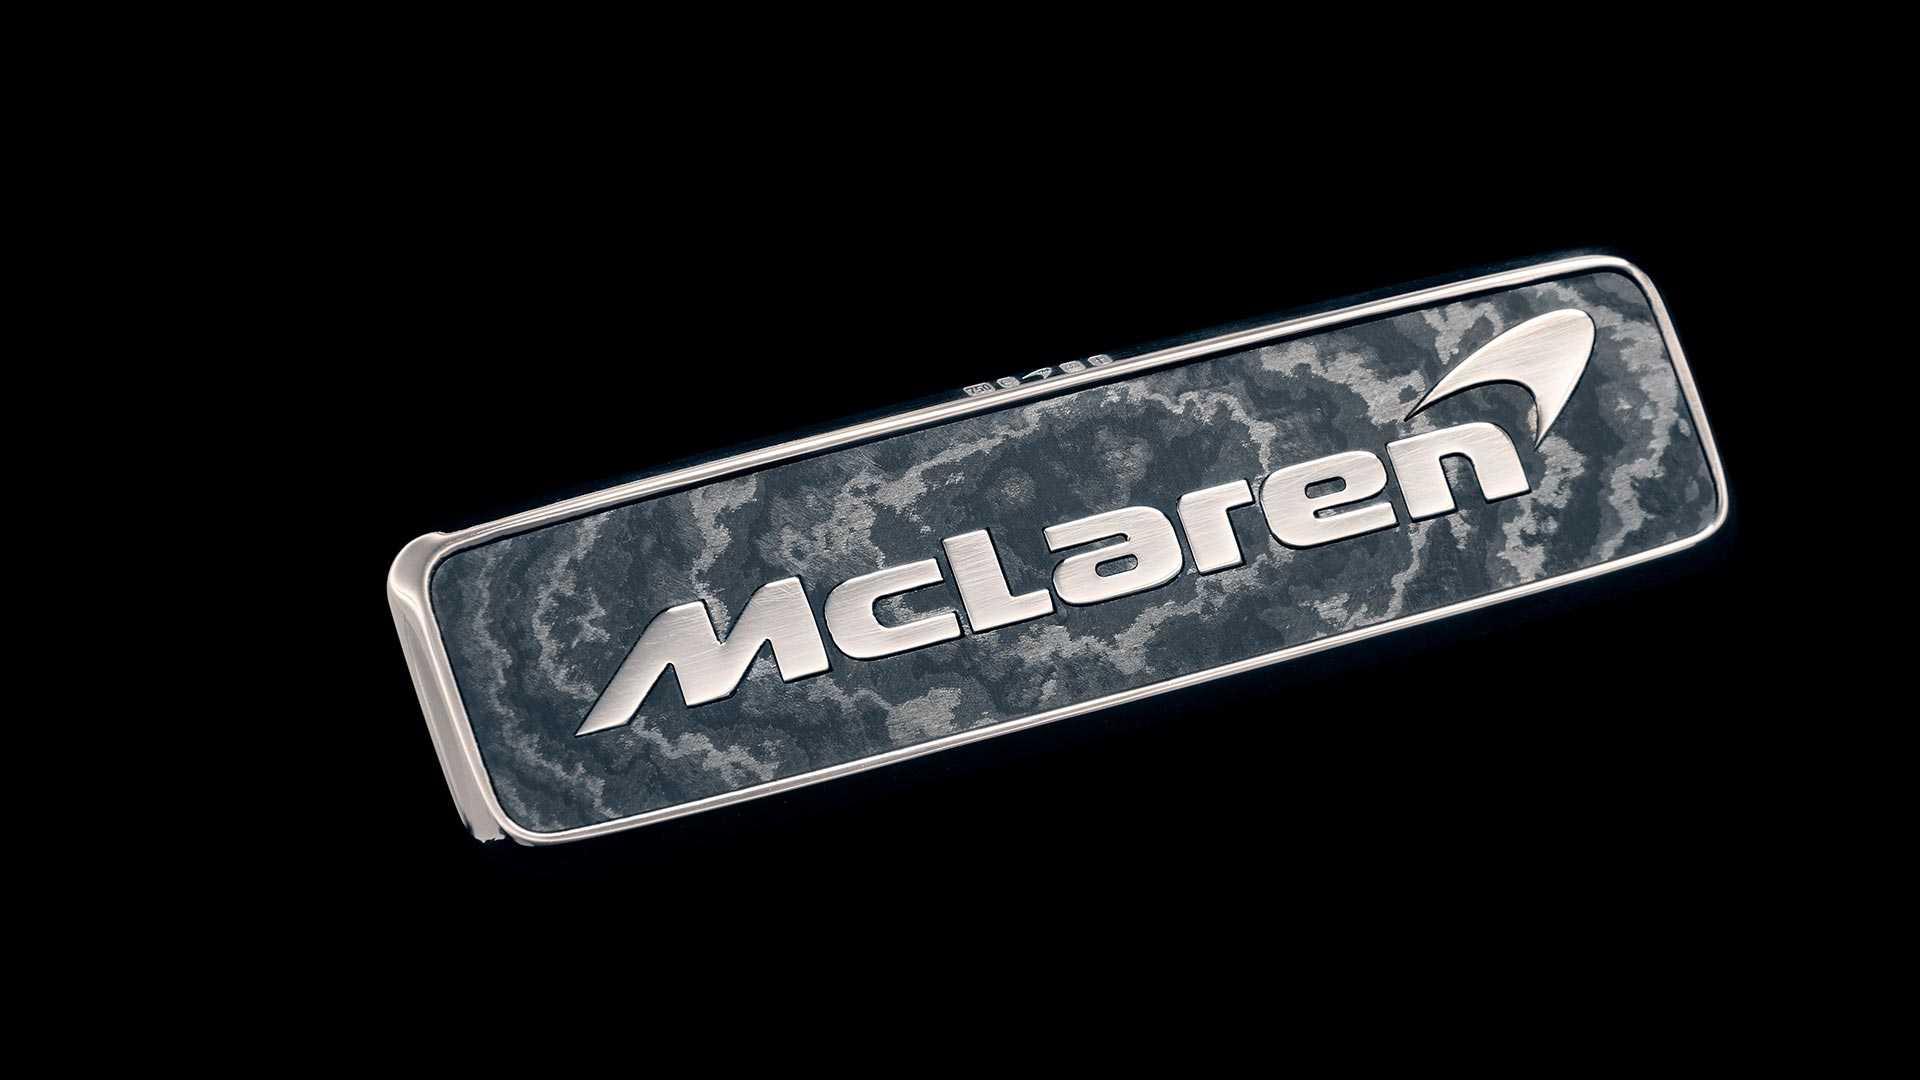 迈凯伦speedtail选配黄金与铂金车标